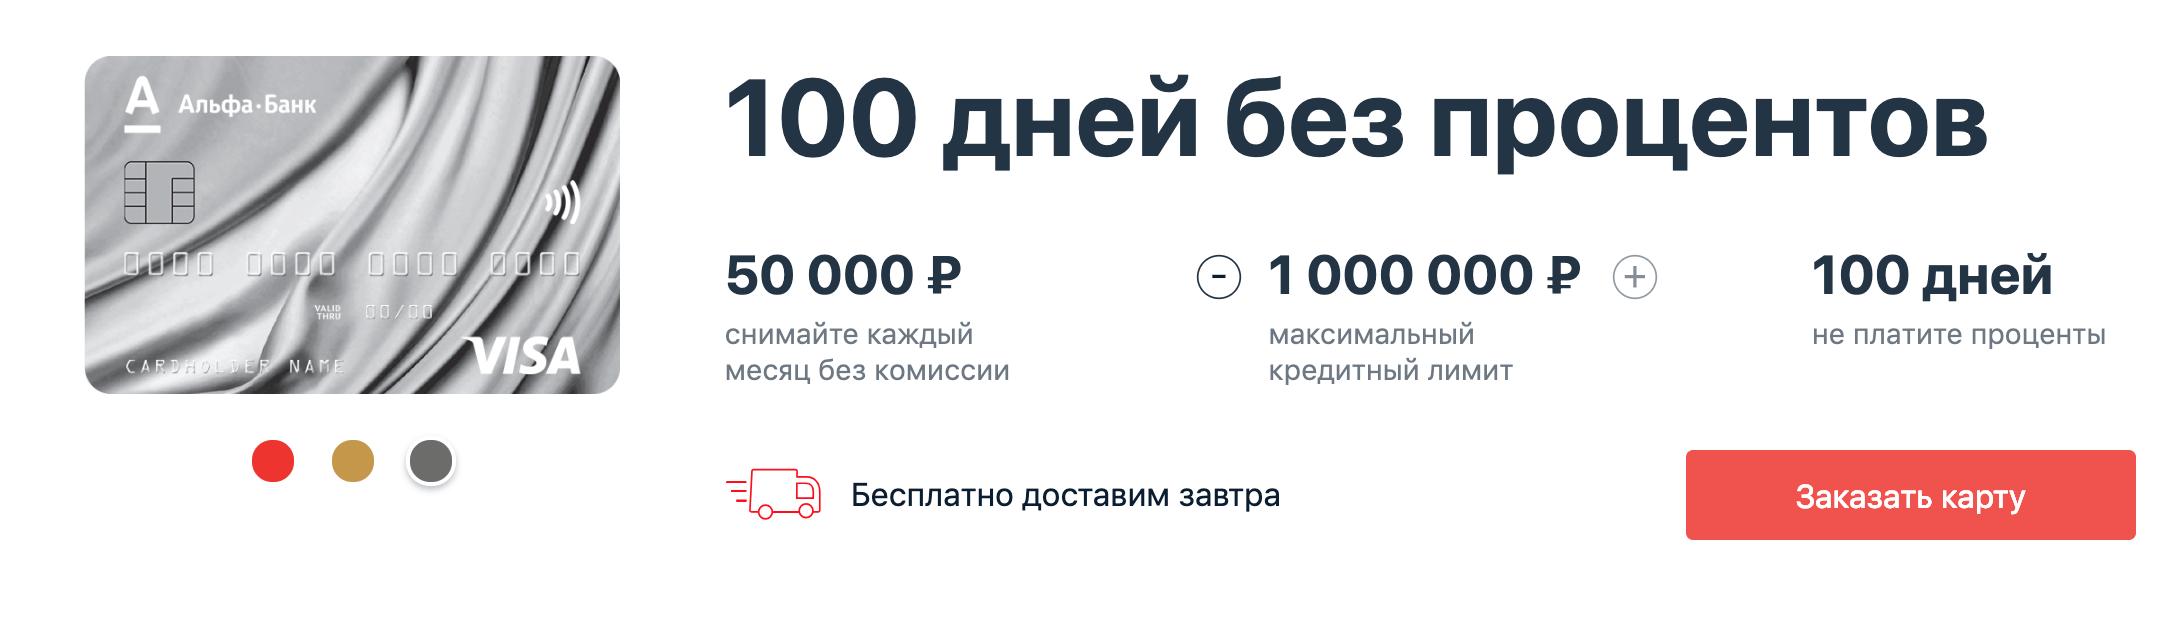 кредитная карта альфа-банка 100 дней без процентов условия